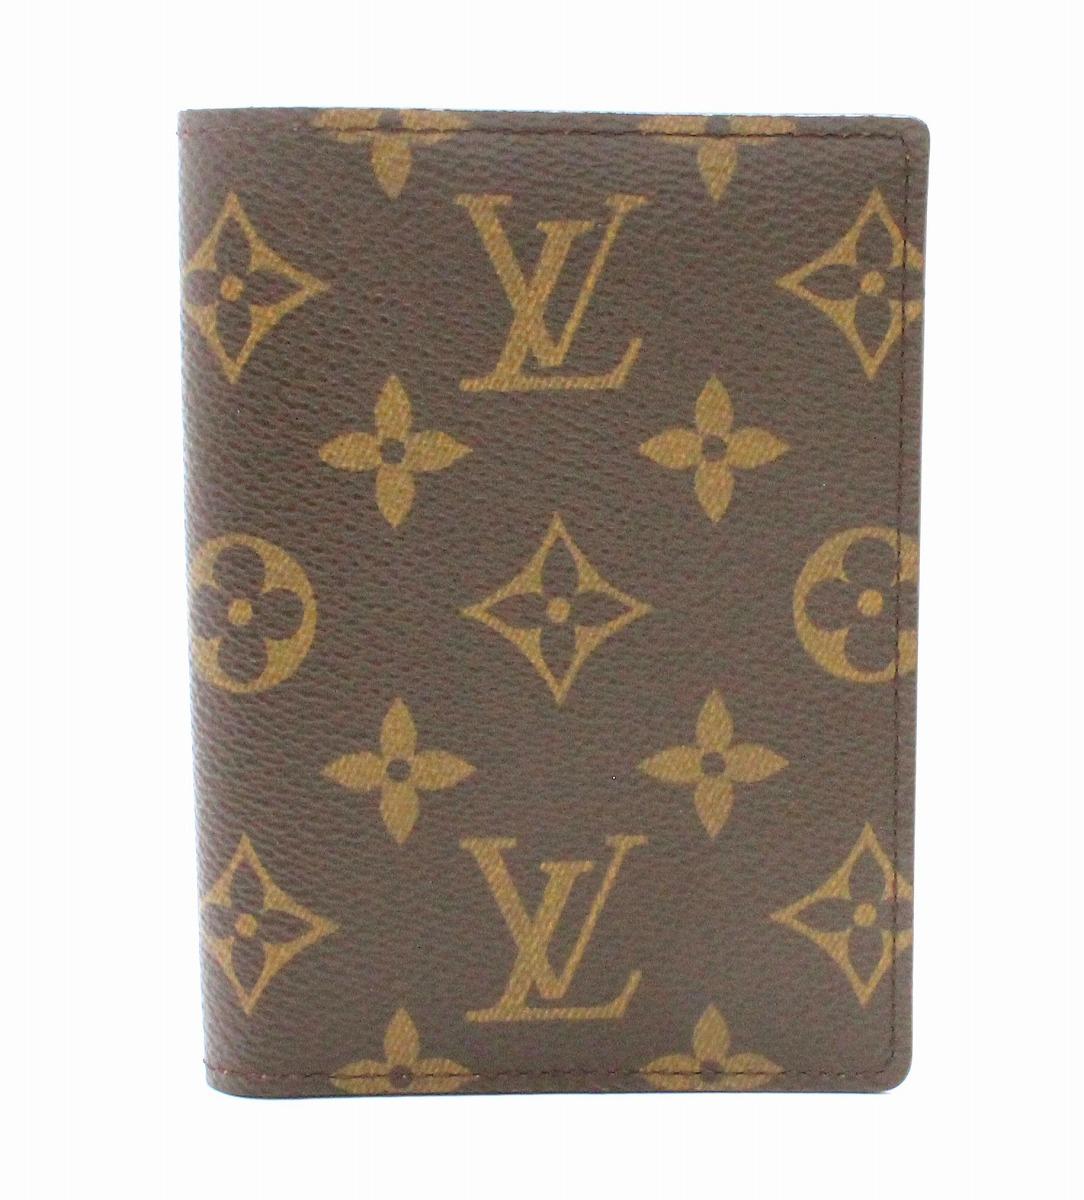 【未使用品】【財布】LOUIS VUITTON ルイ ヴィトン モノグラム トリフォルド 2つ折 札入れ カードケース 証明書ケース M61731 【中古】【k】